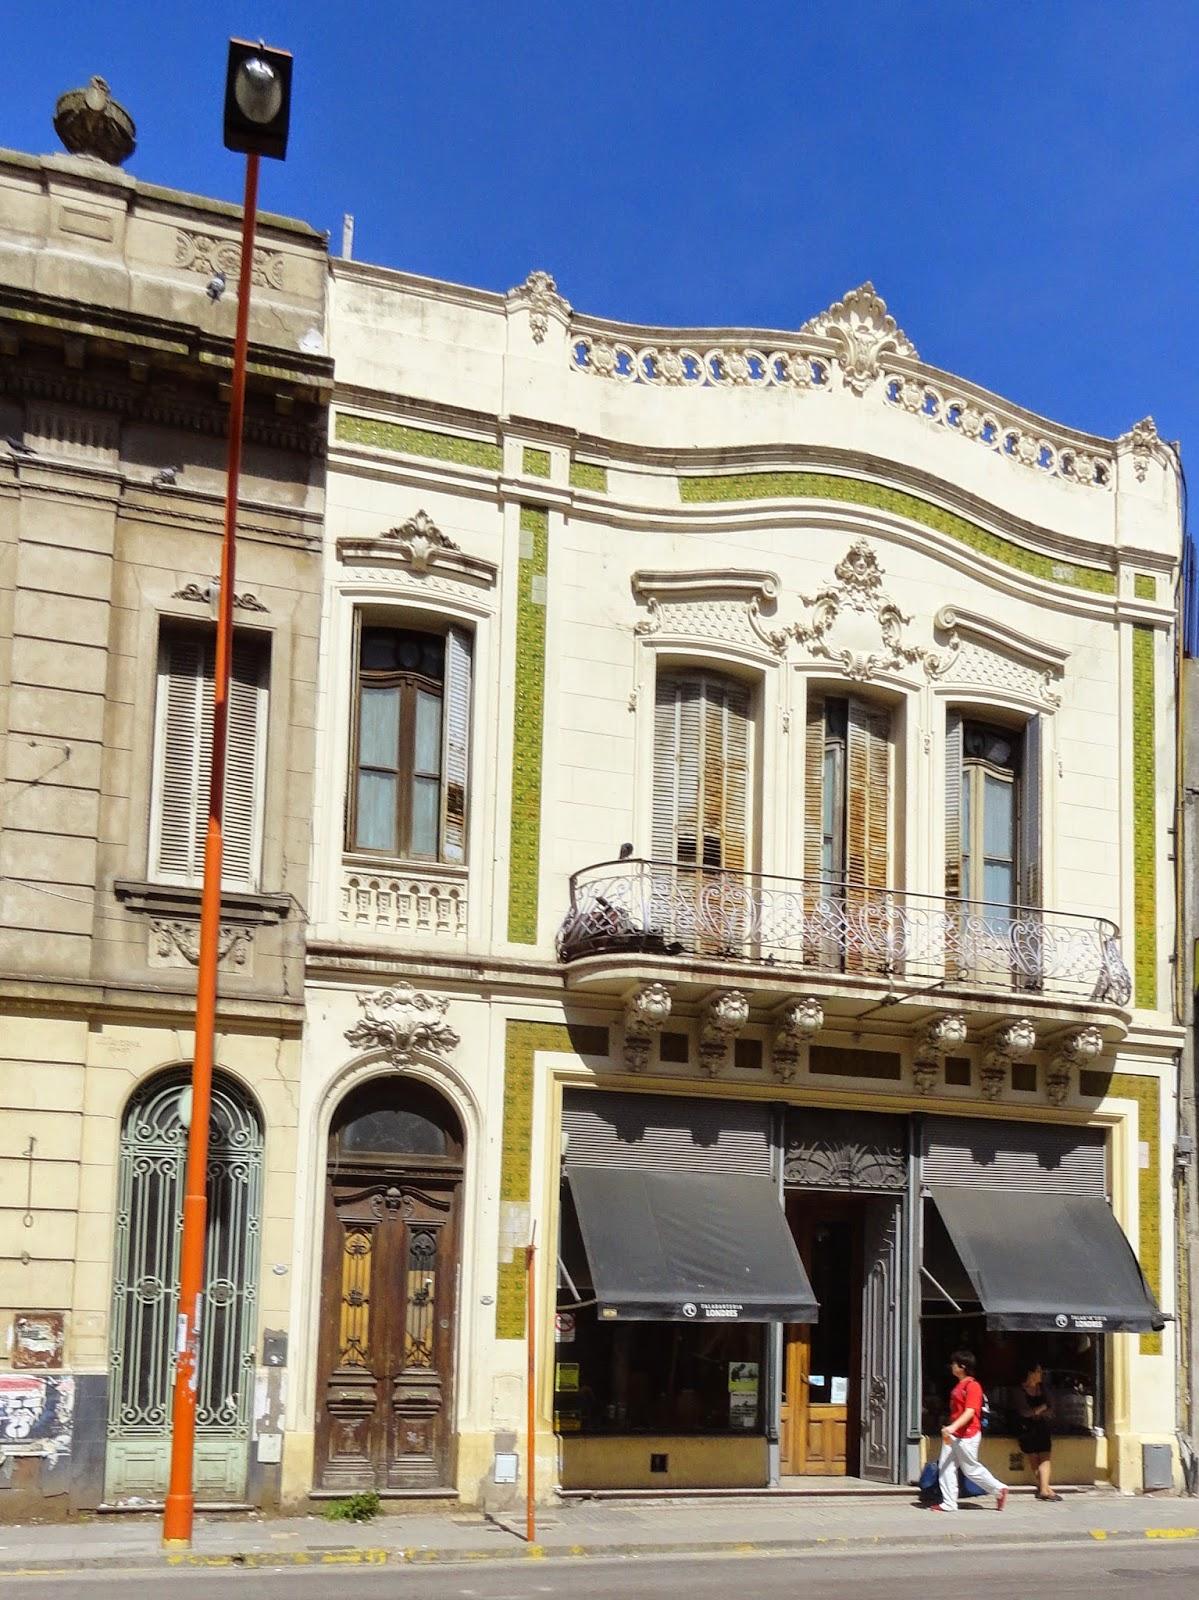 Chiclana El Oreja Verde Y La Talabarter A Londres Bahia La  # Muebles Bahia Blanca Calle Sarmiento